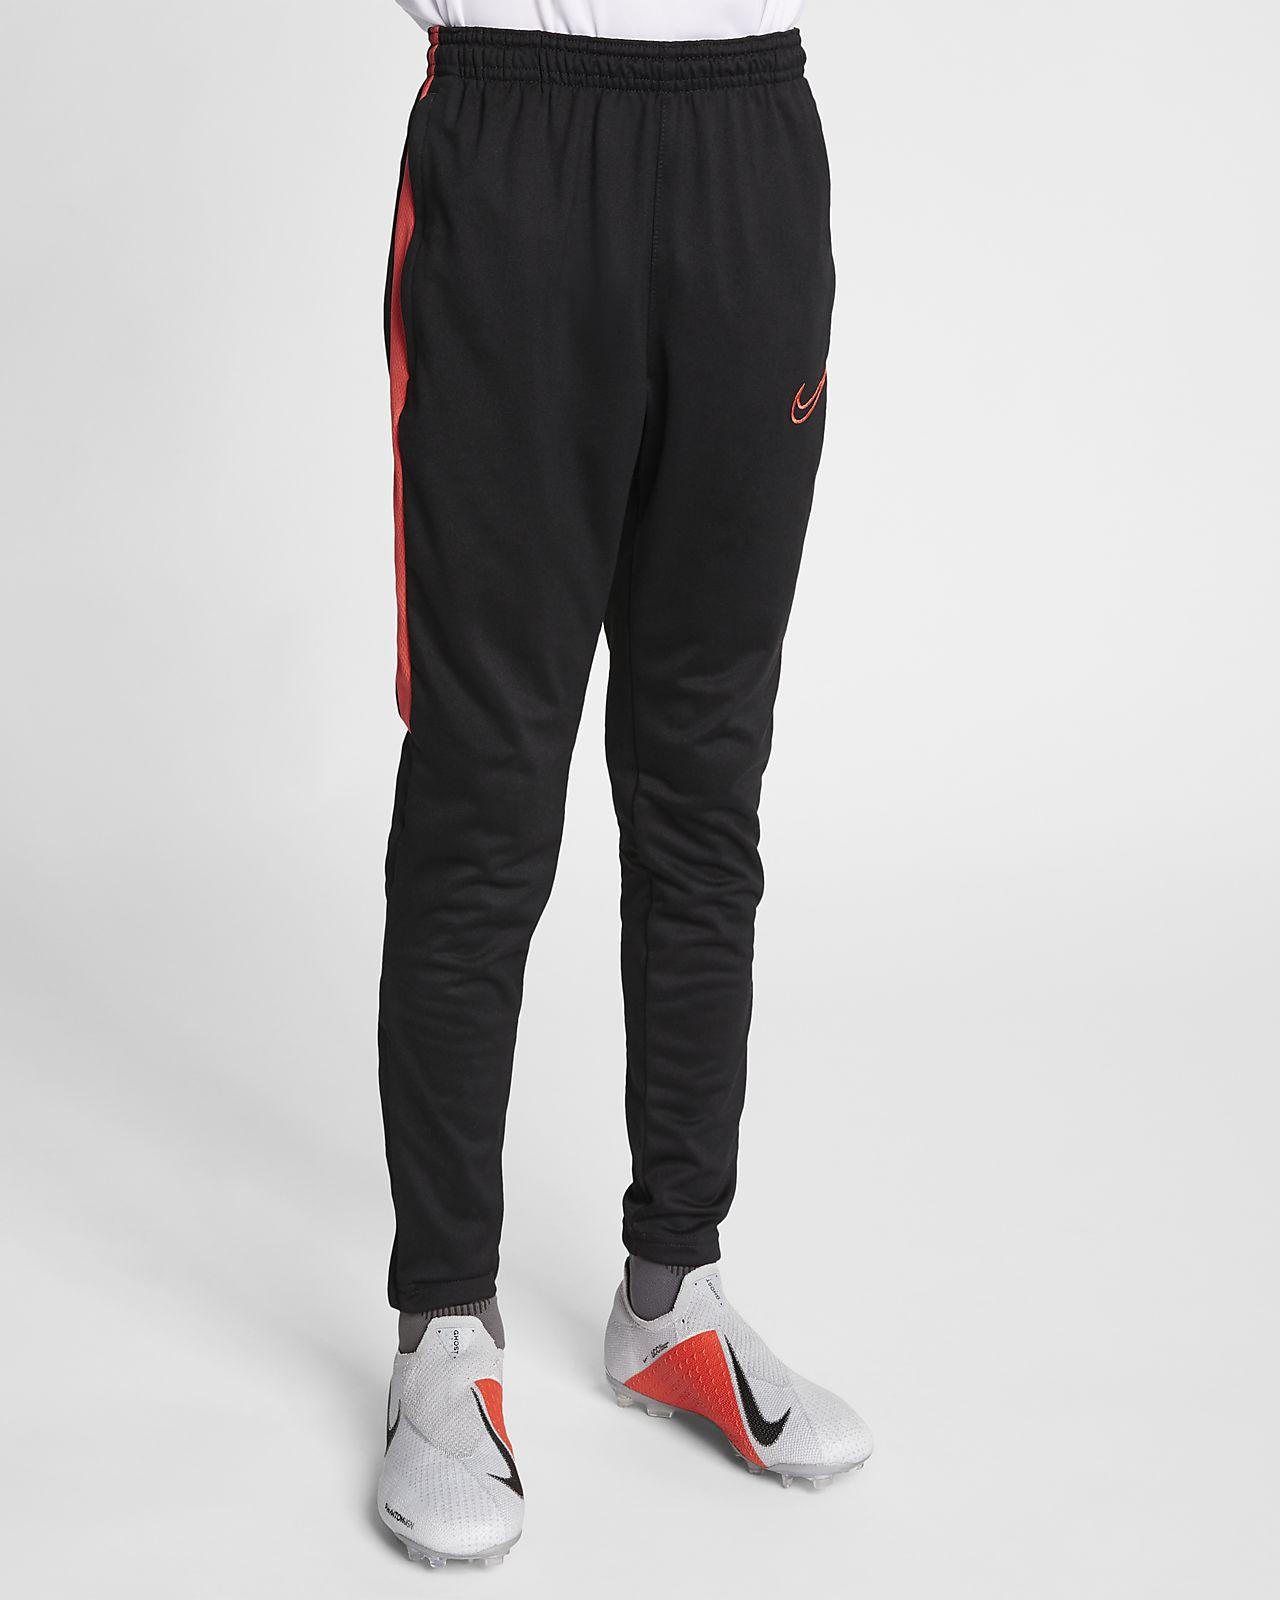 Pantalon de football Nike Dri-FIT Academy pour Enfant plus âgé